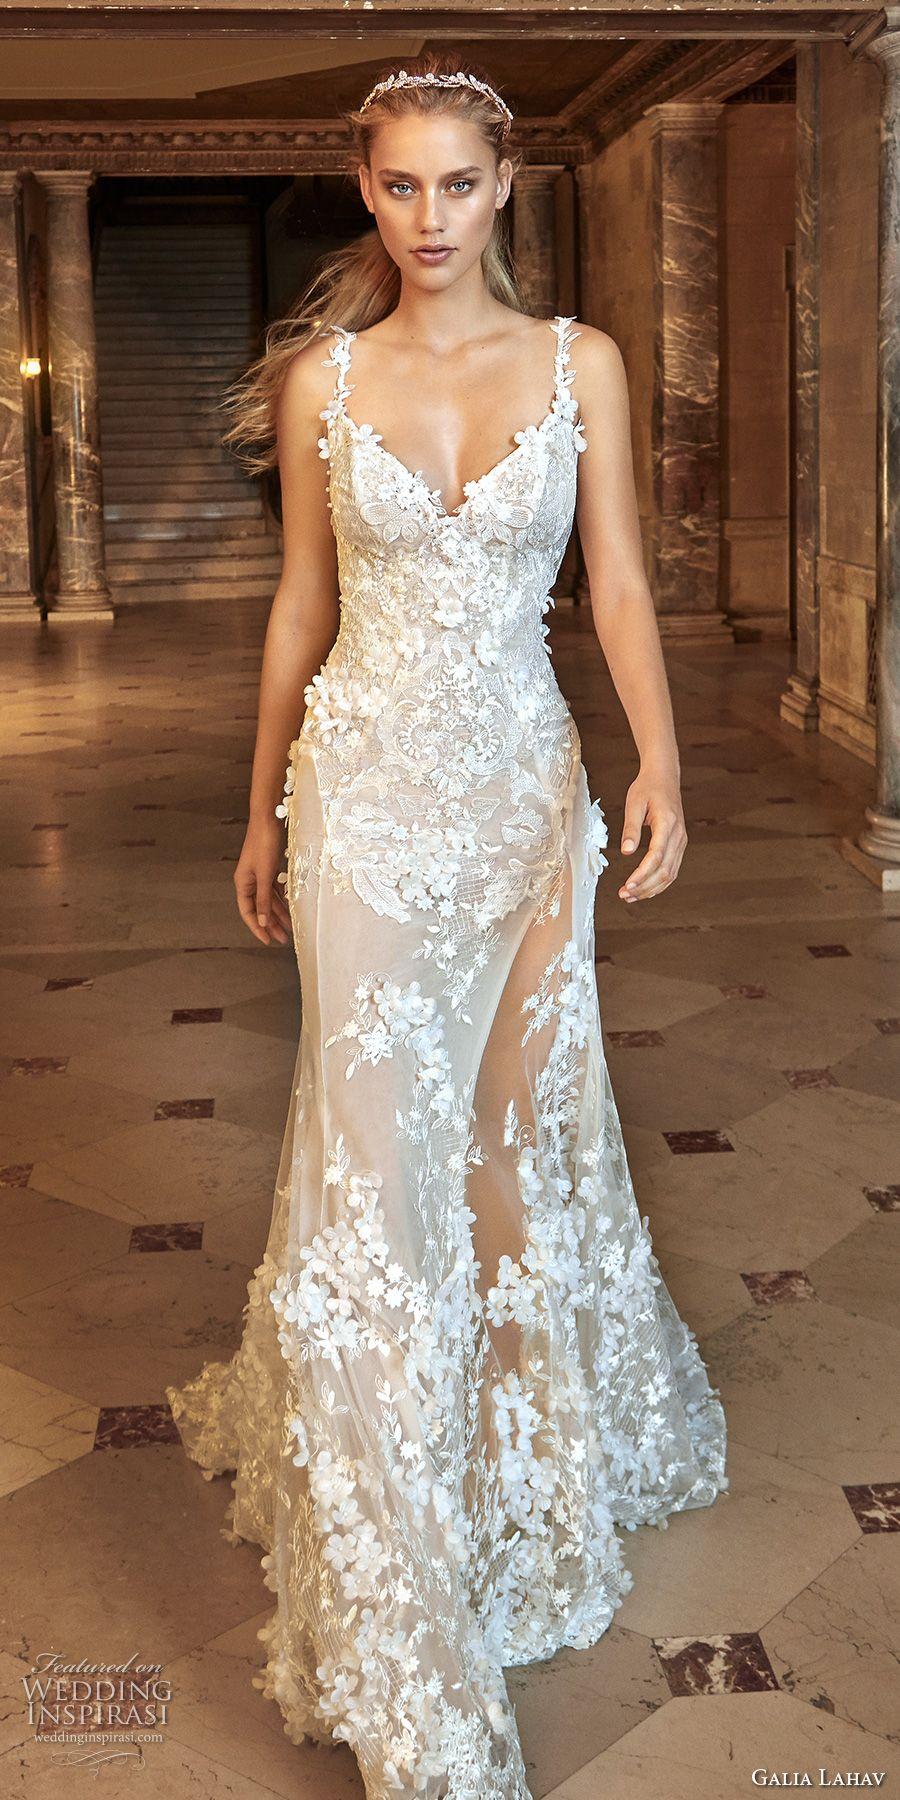 Beautiful bridal dreams are made of theseu u galia lahav fall